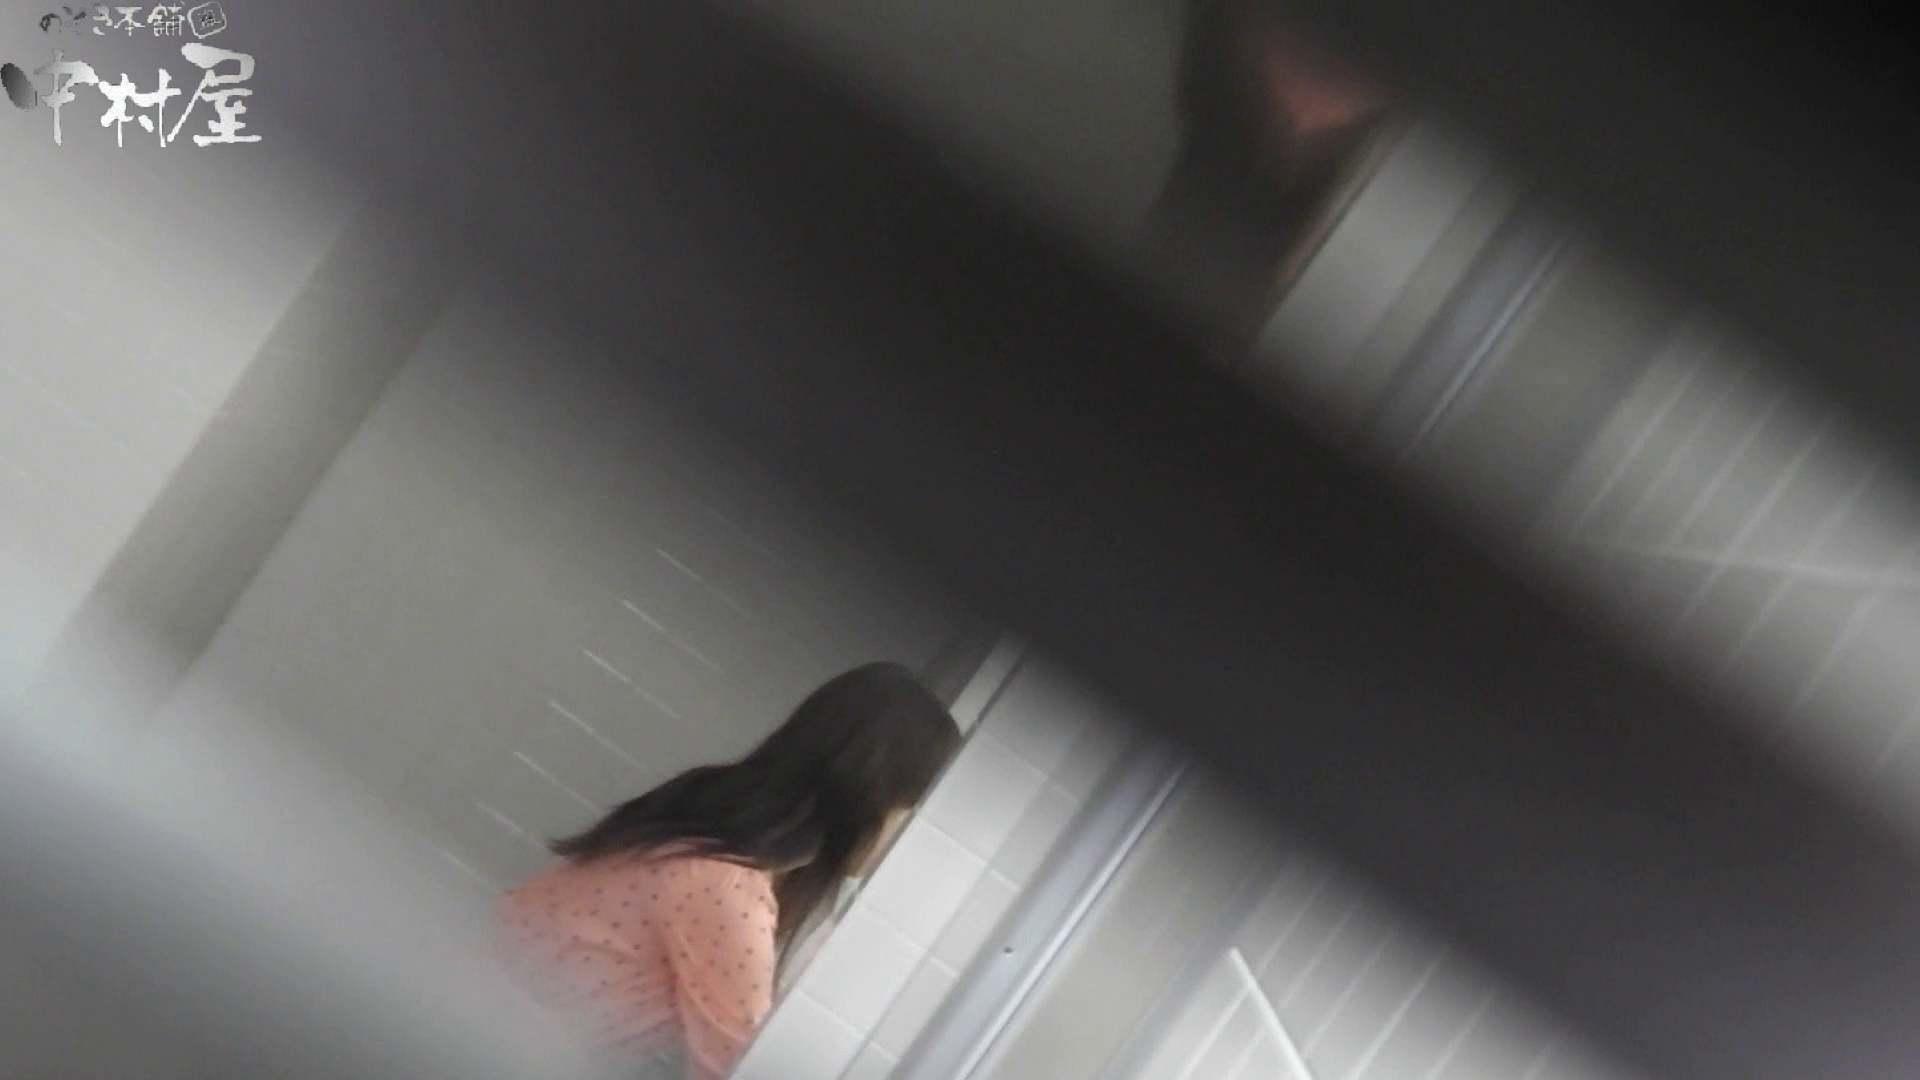 【お銀さんの「洗面所突入レポート!!」】お銀さんの「洗面所突入レポート!!」 vol.28小島陽菜似のピンクオシャレさん 洗面所編  94PIX 24